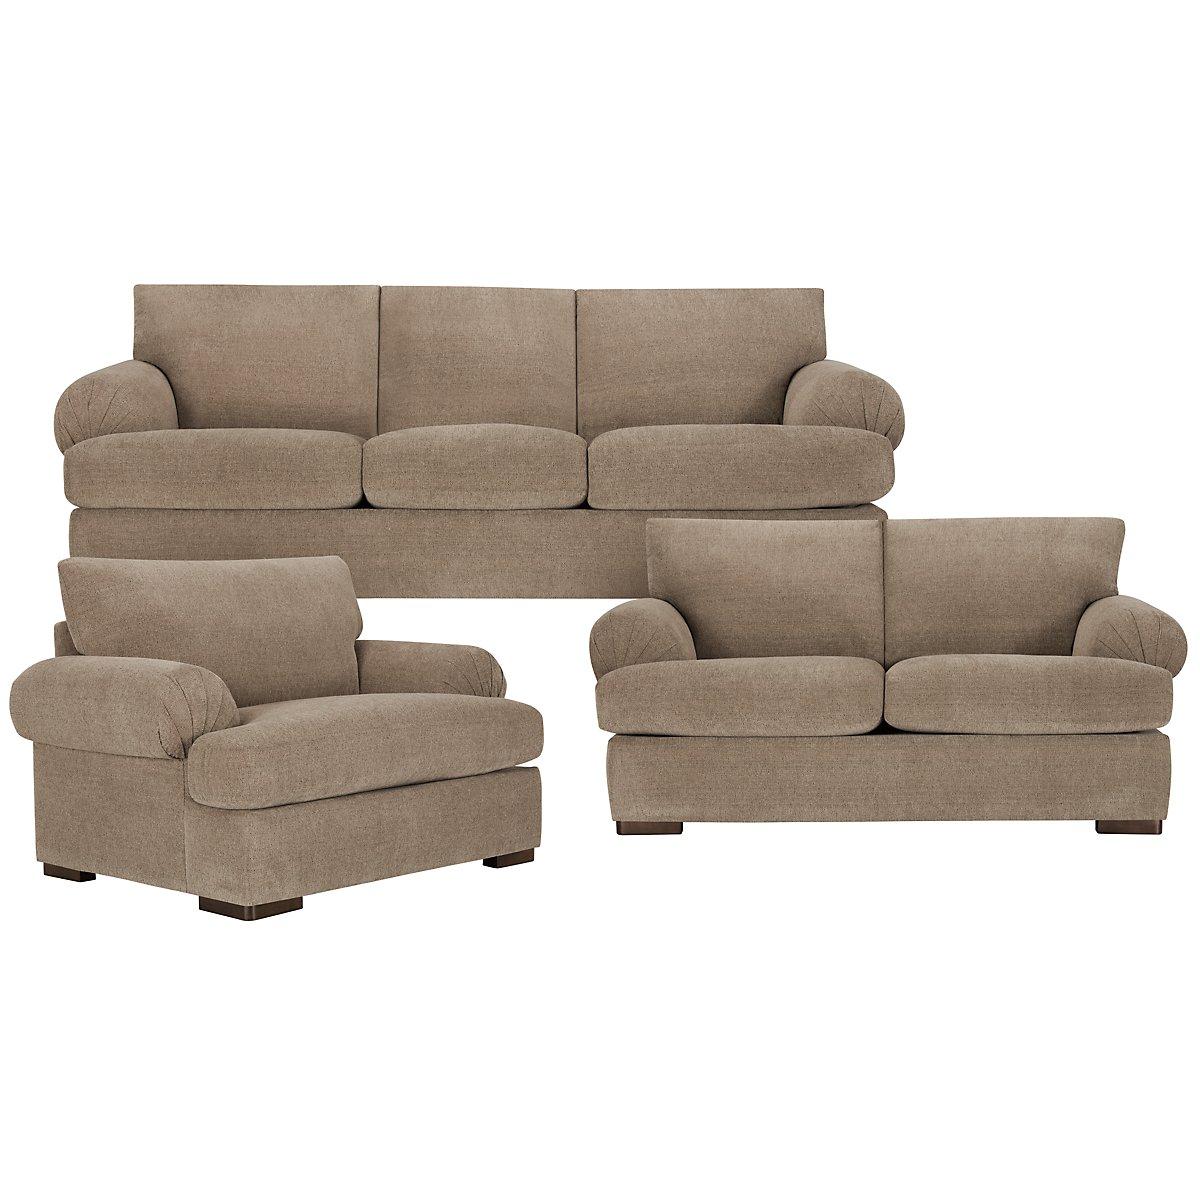 City furniture belair dk taupe microfiber sofa - Sofa loft taupe ...